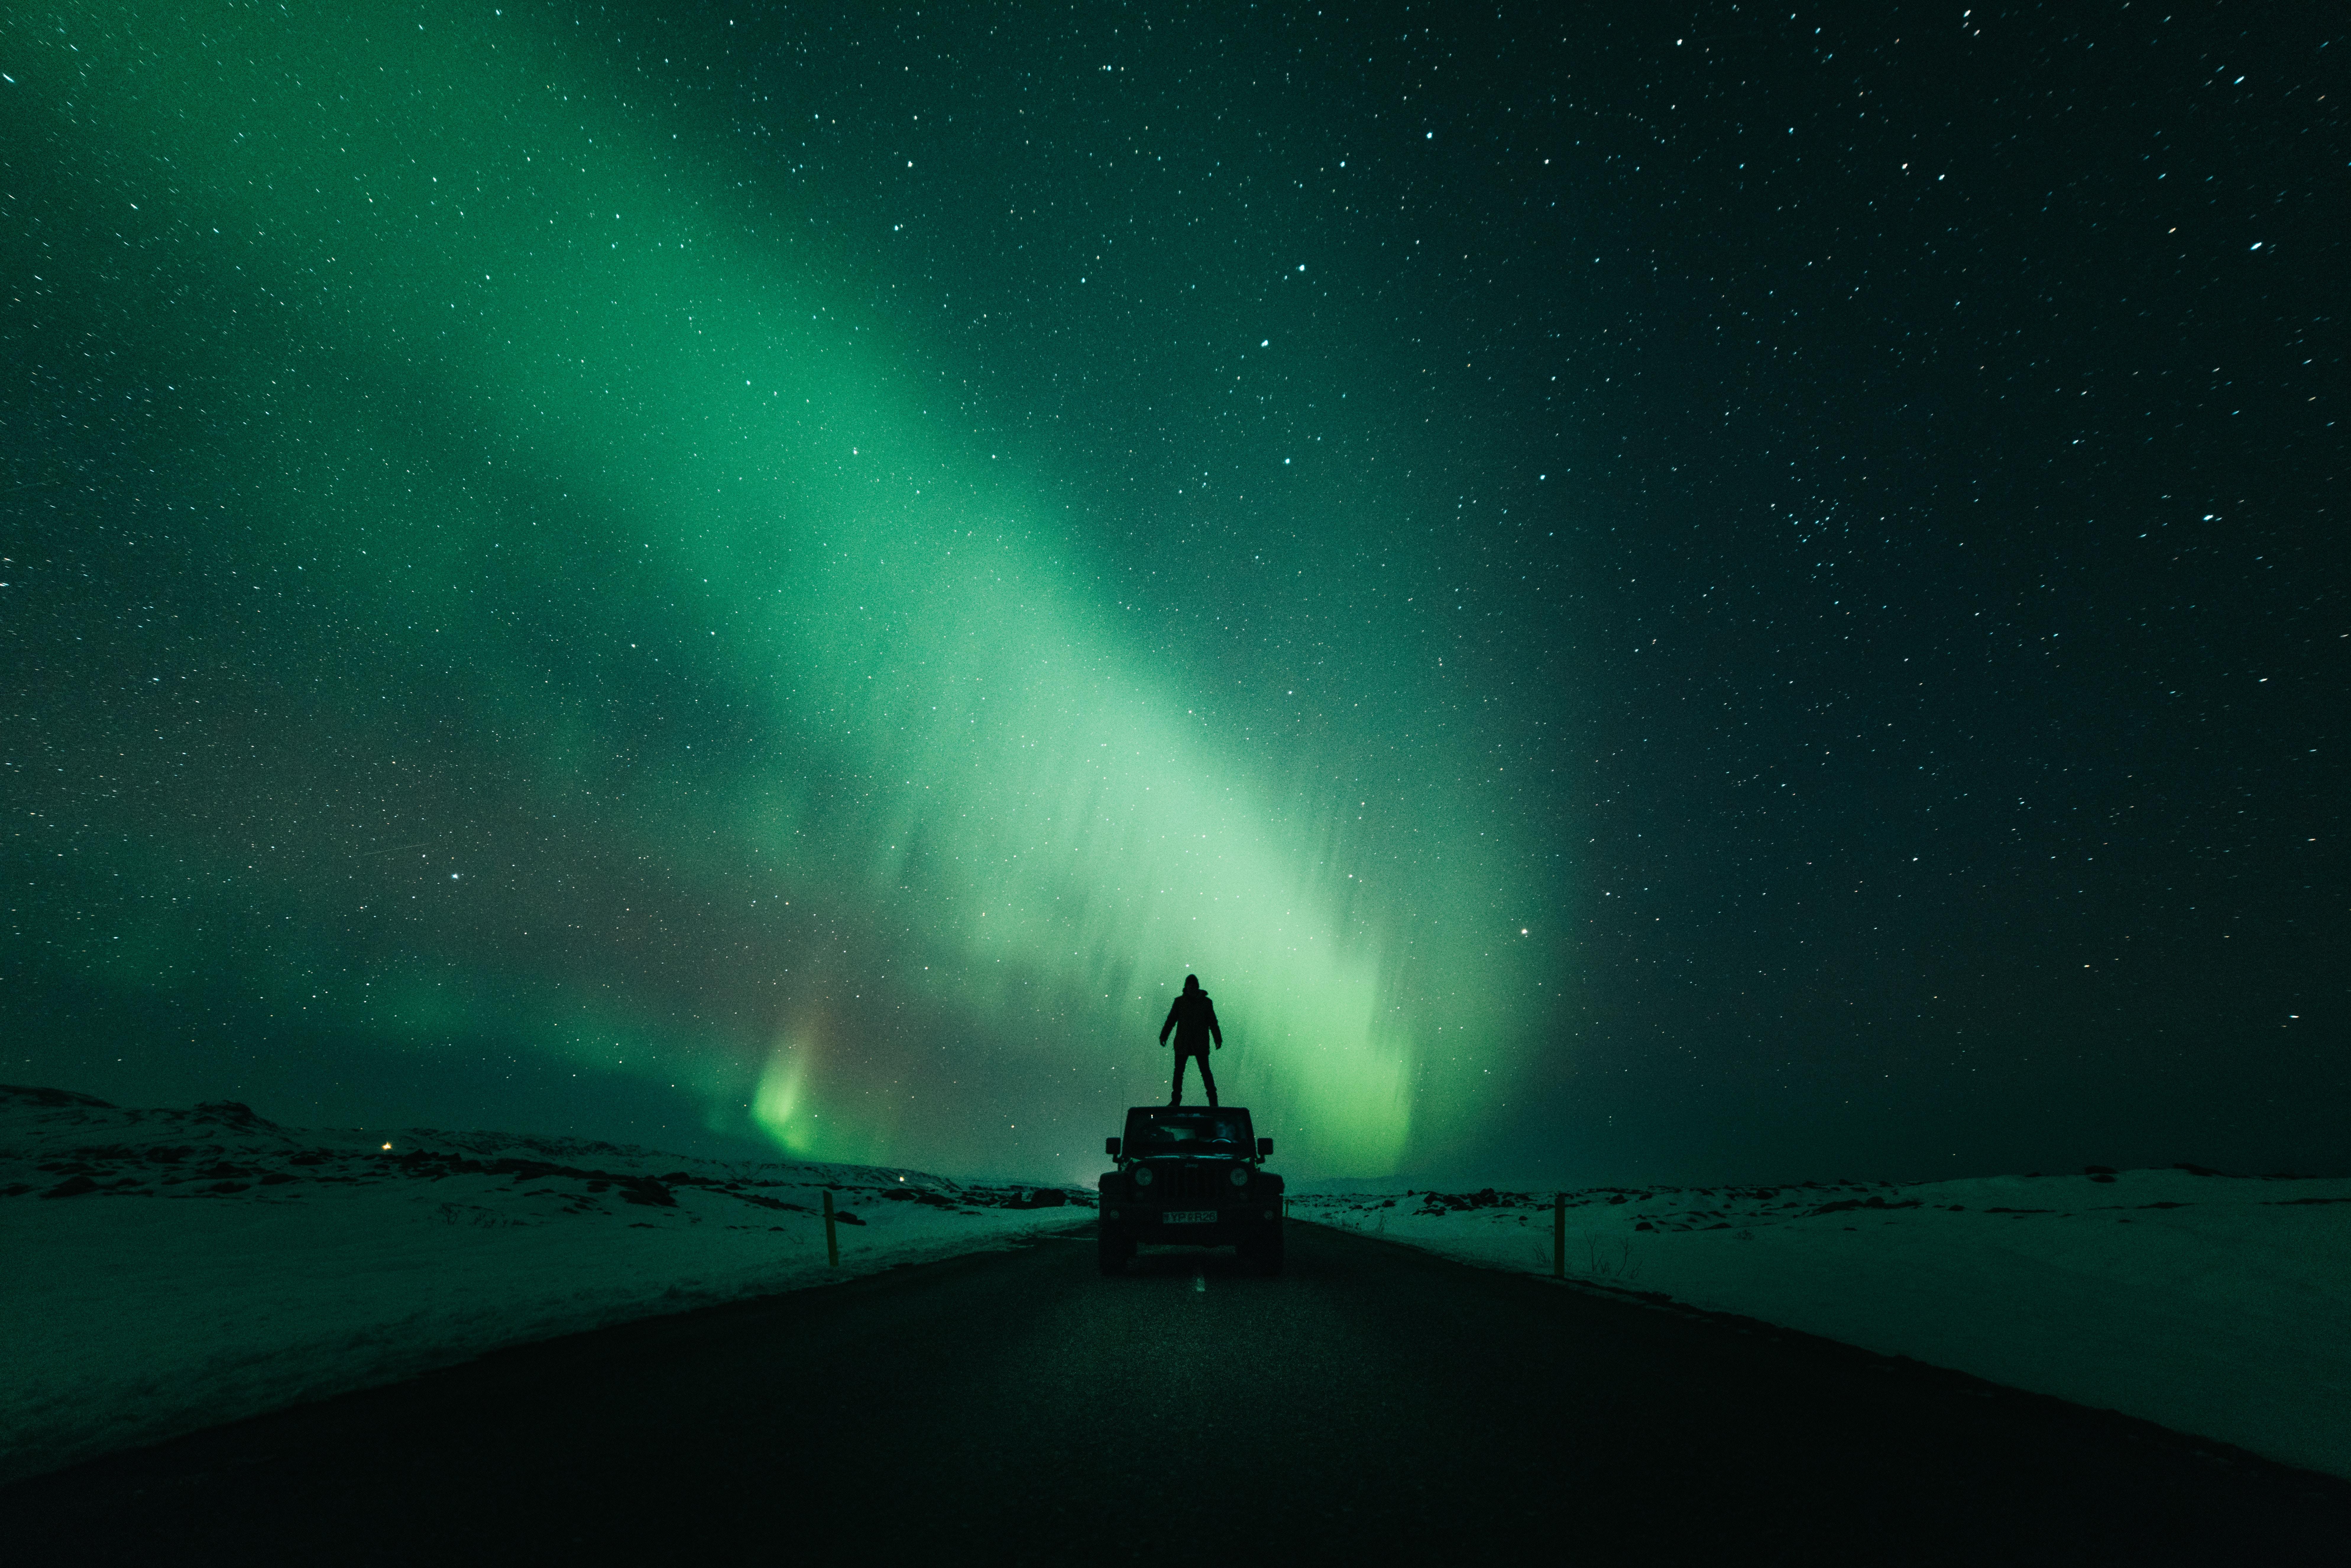 55582 Hintergrundbild herunterladen Auto, Sterne, Schein, Dunkel, Silhouette, Nachthimmel - Bildschirmschoner und Bilder kostenlos